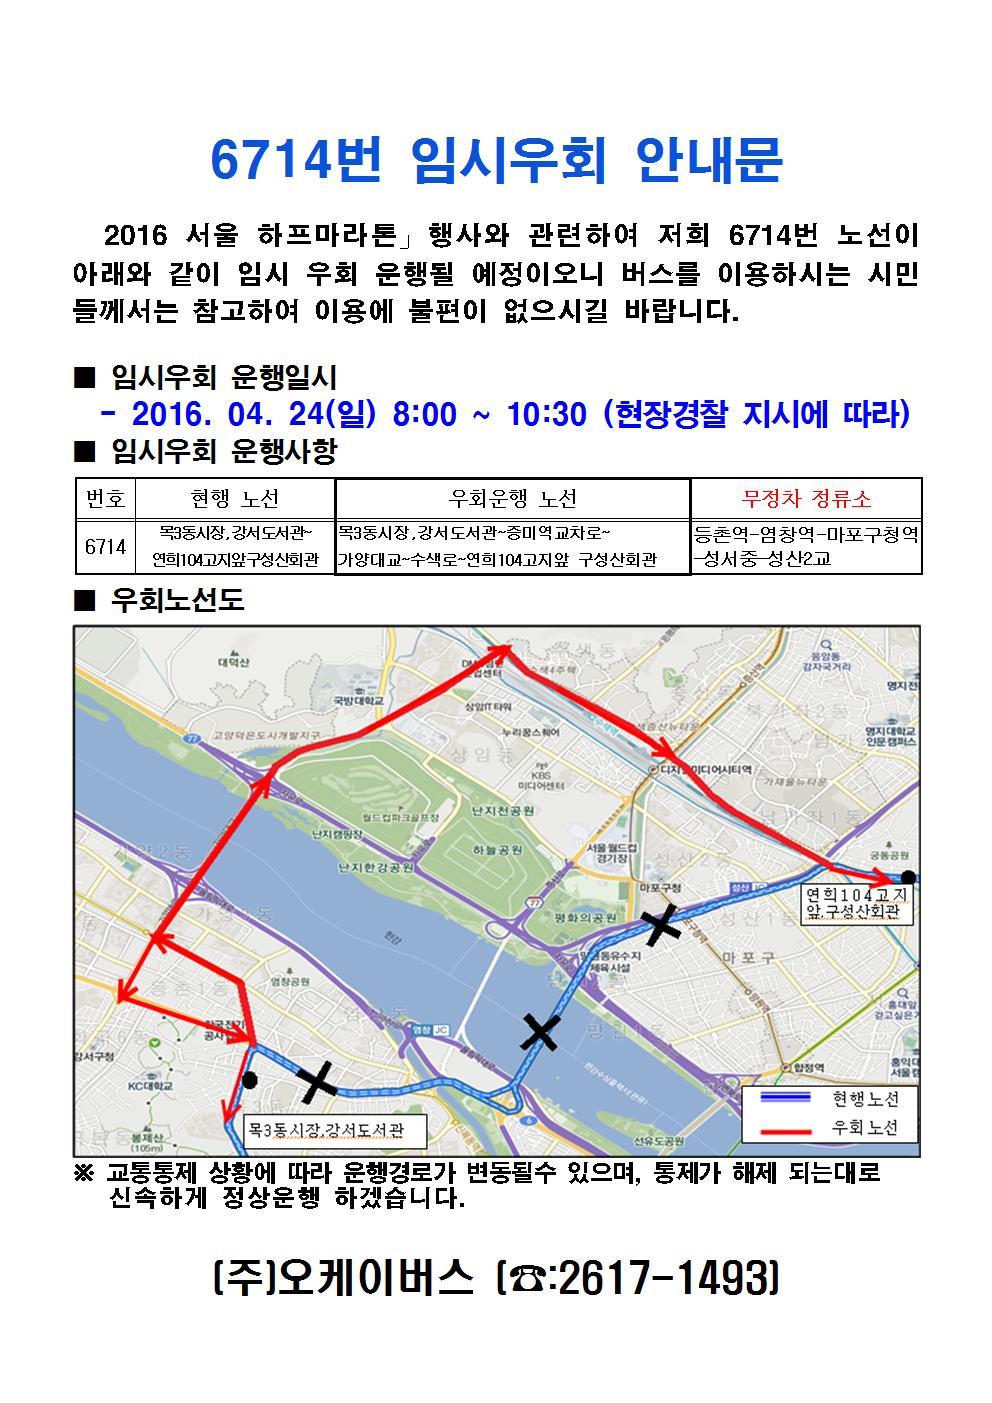 하프마라톤운행안내문(오케이버스)_04월24일003.jpg